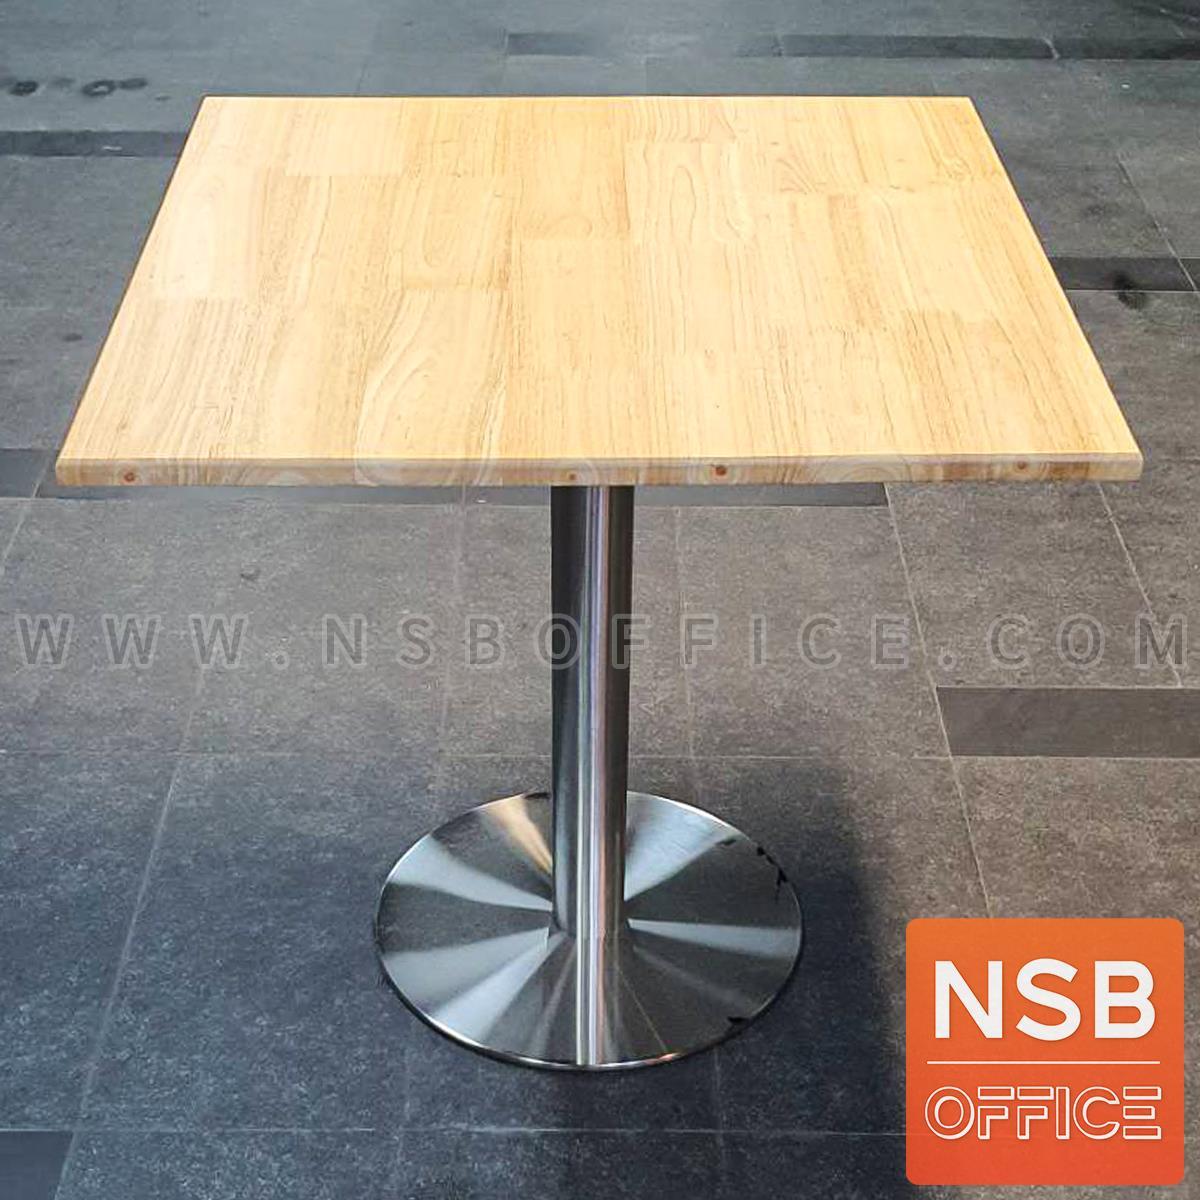 โต๊ะบาร์ COFFEE รุ่น Tesfaye (เทสเฟย์)  หน้าท็อปไม้ยางพารา ขาสเตนเลสฐานกลมแบน